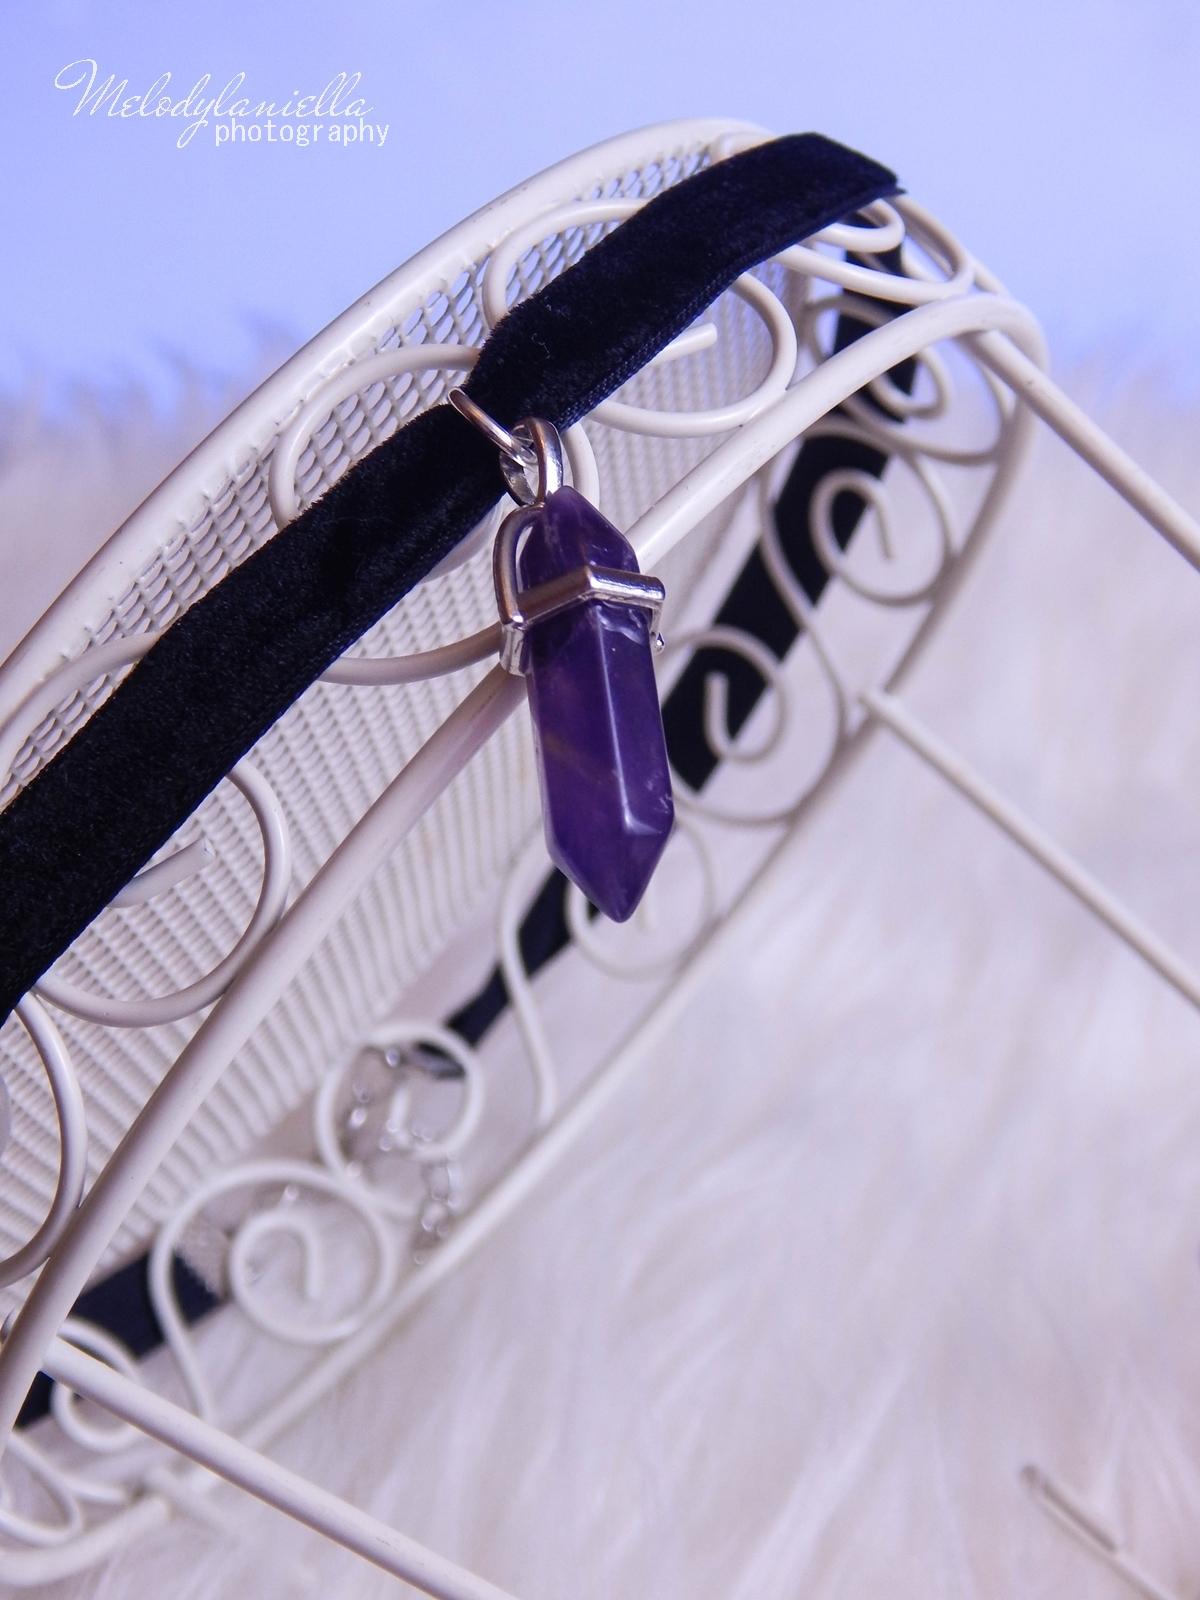 16 Biżuteria z chińskich sklepów sammydress kolczyk nausznica naszyjnik wisiorki z kryształkiem świąteczna biżuteria ciekawe dodatki stylowe zegarki pióra choker chokery złoty srebrny złoto srebro obelisk